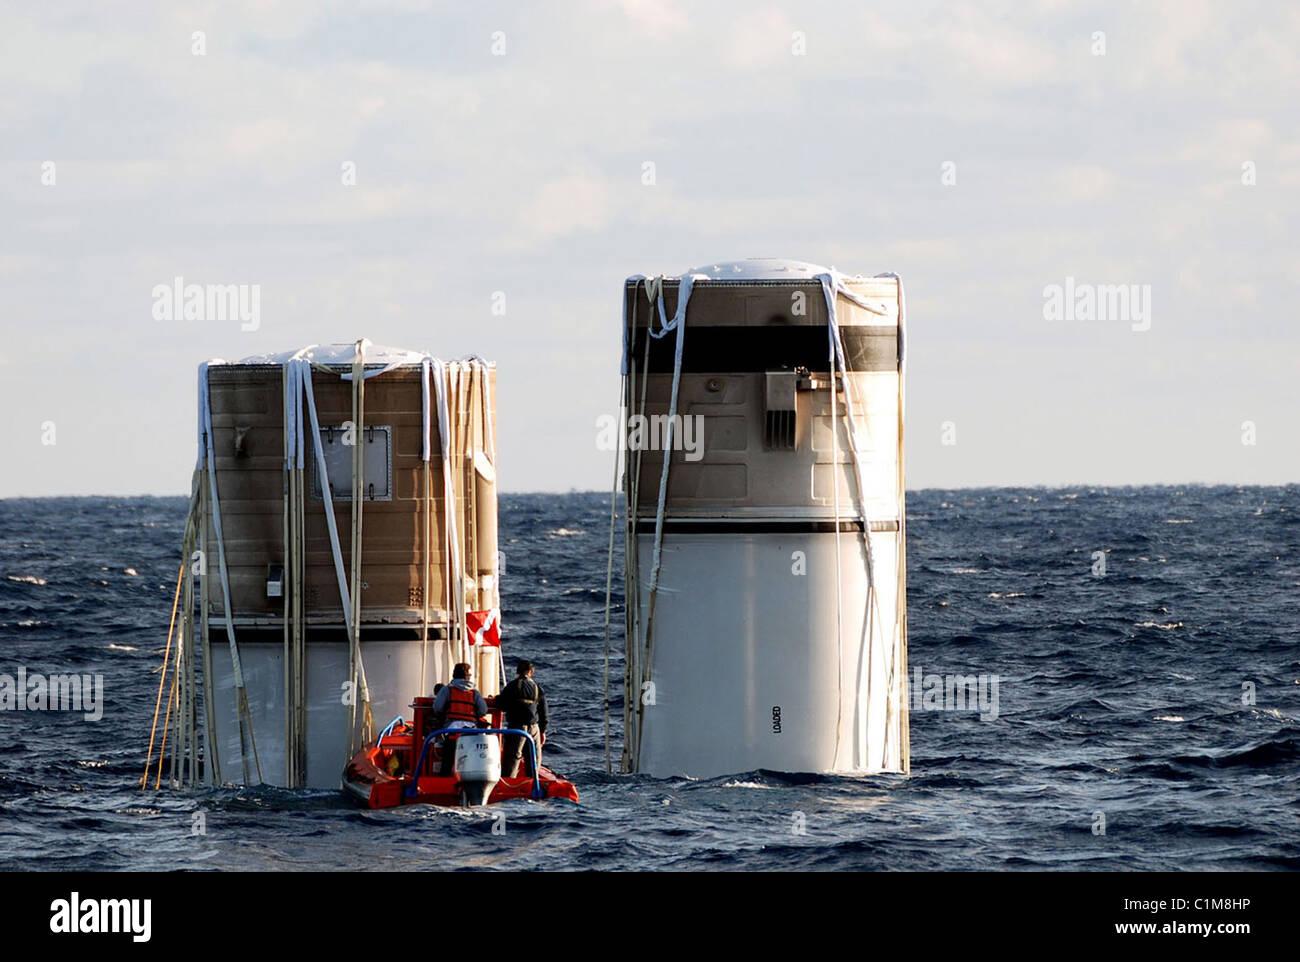 Cohetes propulsores sólidos del Transbordador Espacial han recuperado del Océano Atlántico Imagen De Stock